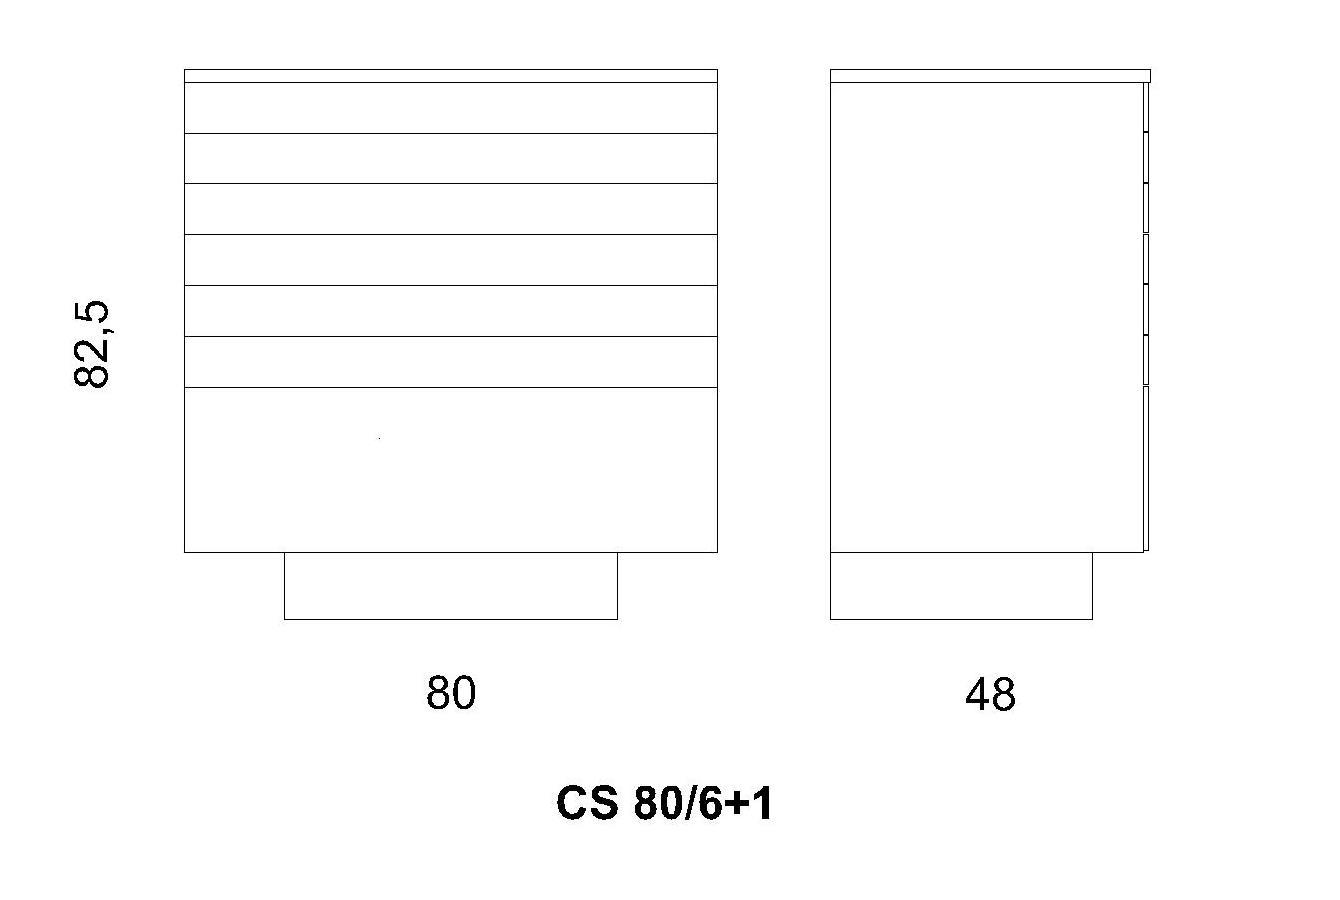 Cassettiera CS 80/6+1